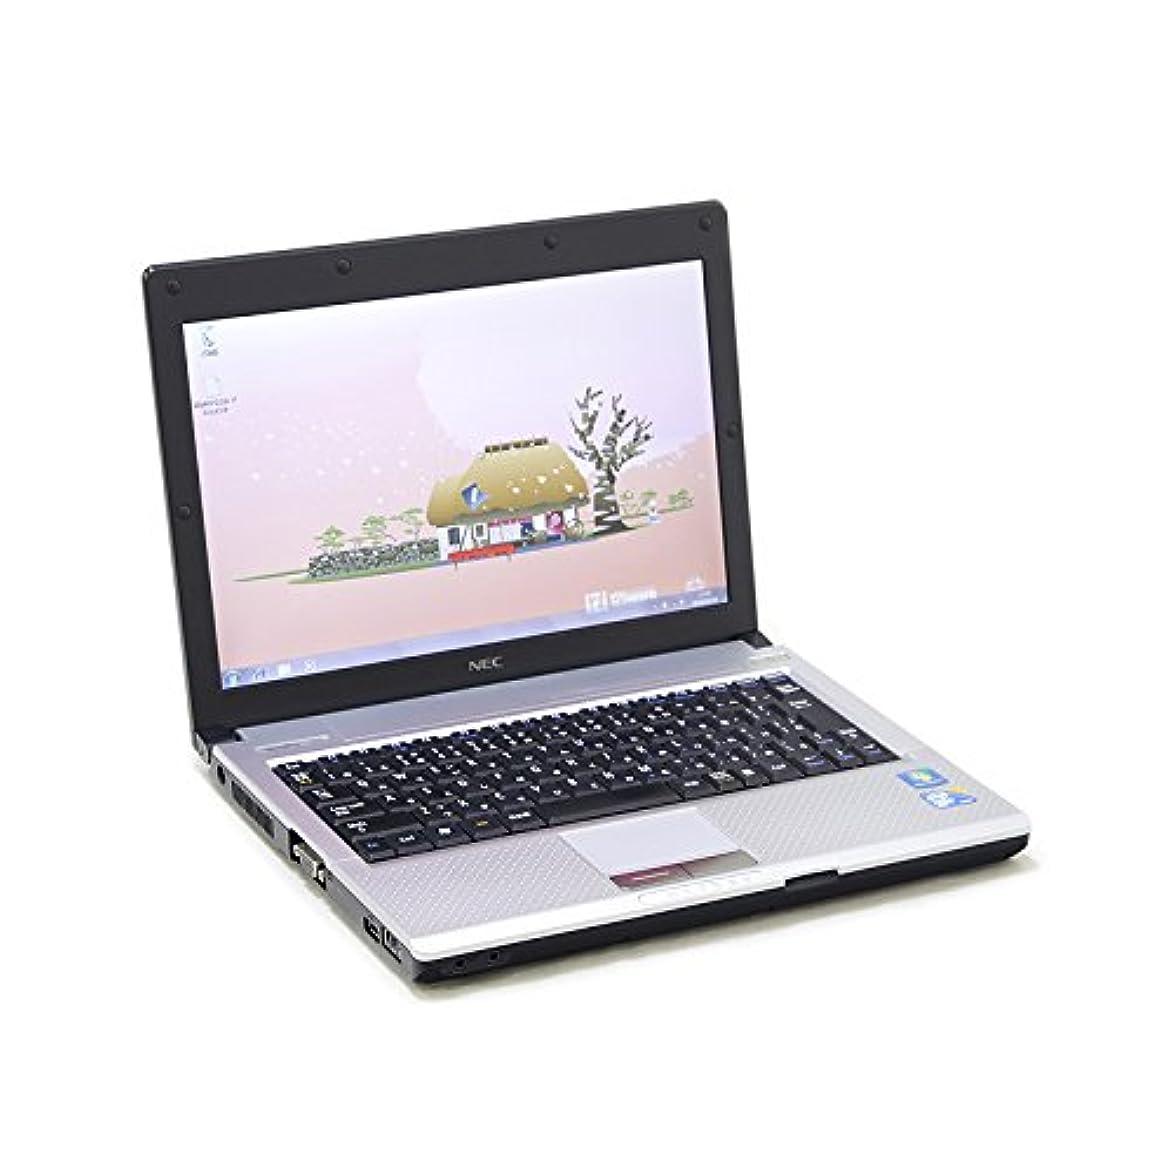 緊張許容受粉する【中古】 NEC VersaPro UltraLite タイプVB VK13M/BB-B PC-VK13MBBCB / Core i5 560UM(1.33GHz) / HDD:160GB / 12.1インチ / シルバー